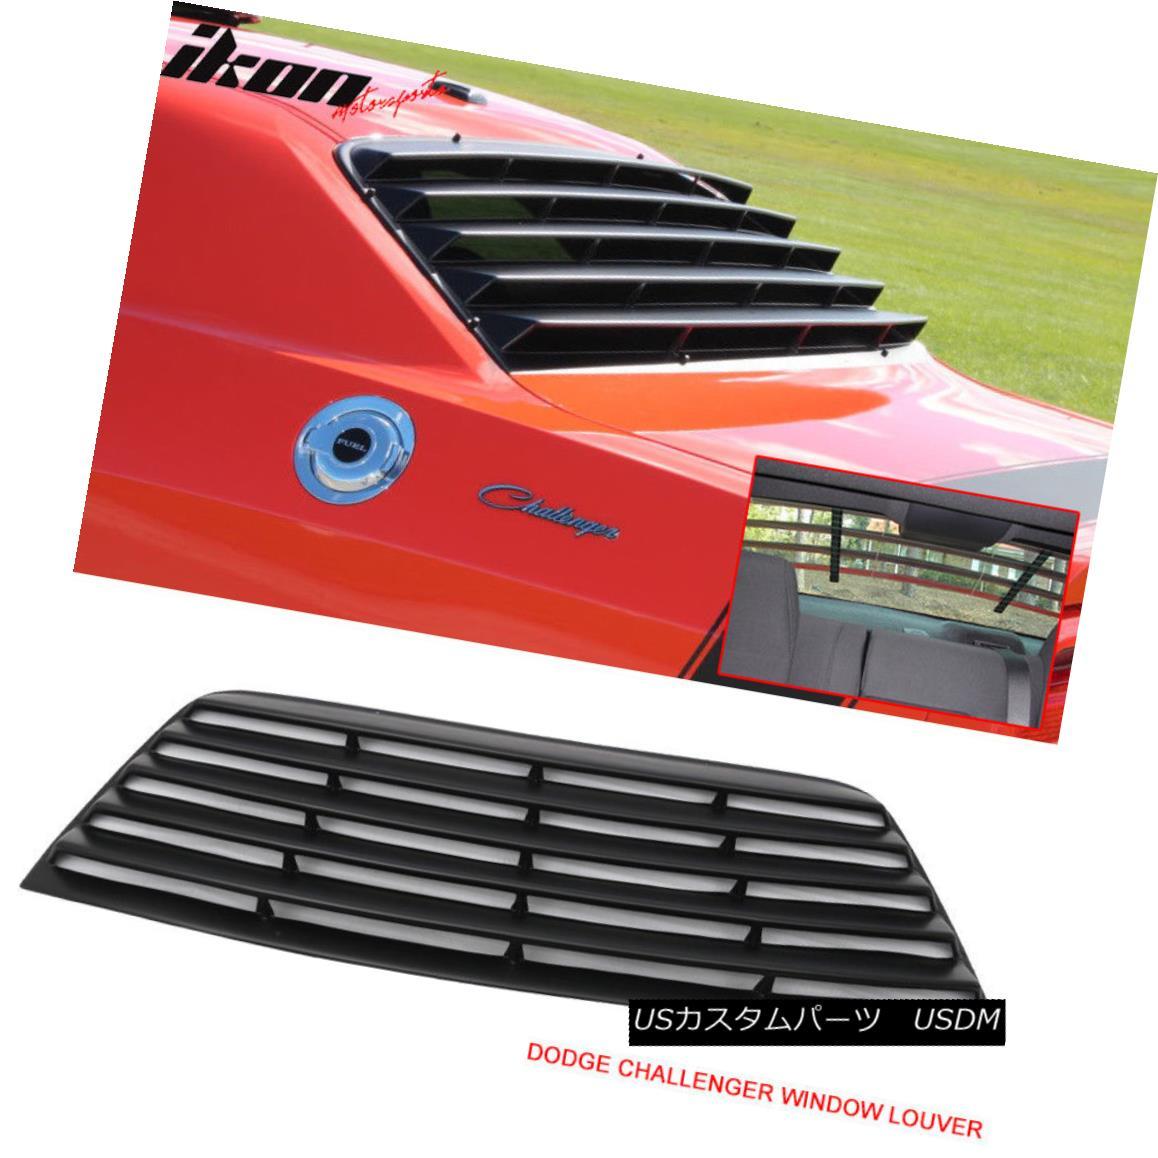 エアロパーツ Fit For 08-16 Dodge Challenger Window Louver Rear Cover Unpainted Black PUR 08-16ドッジチャレンジャーウィンドウルーバーリアカバー未塗装ブラックPURに適合